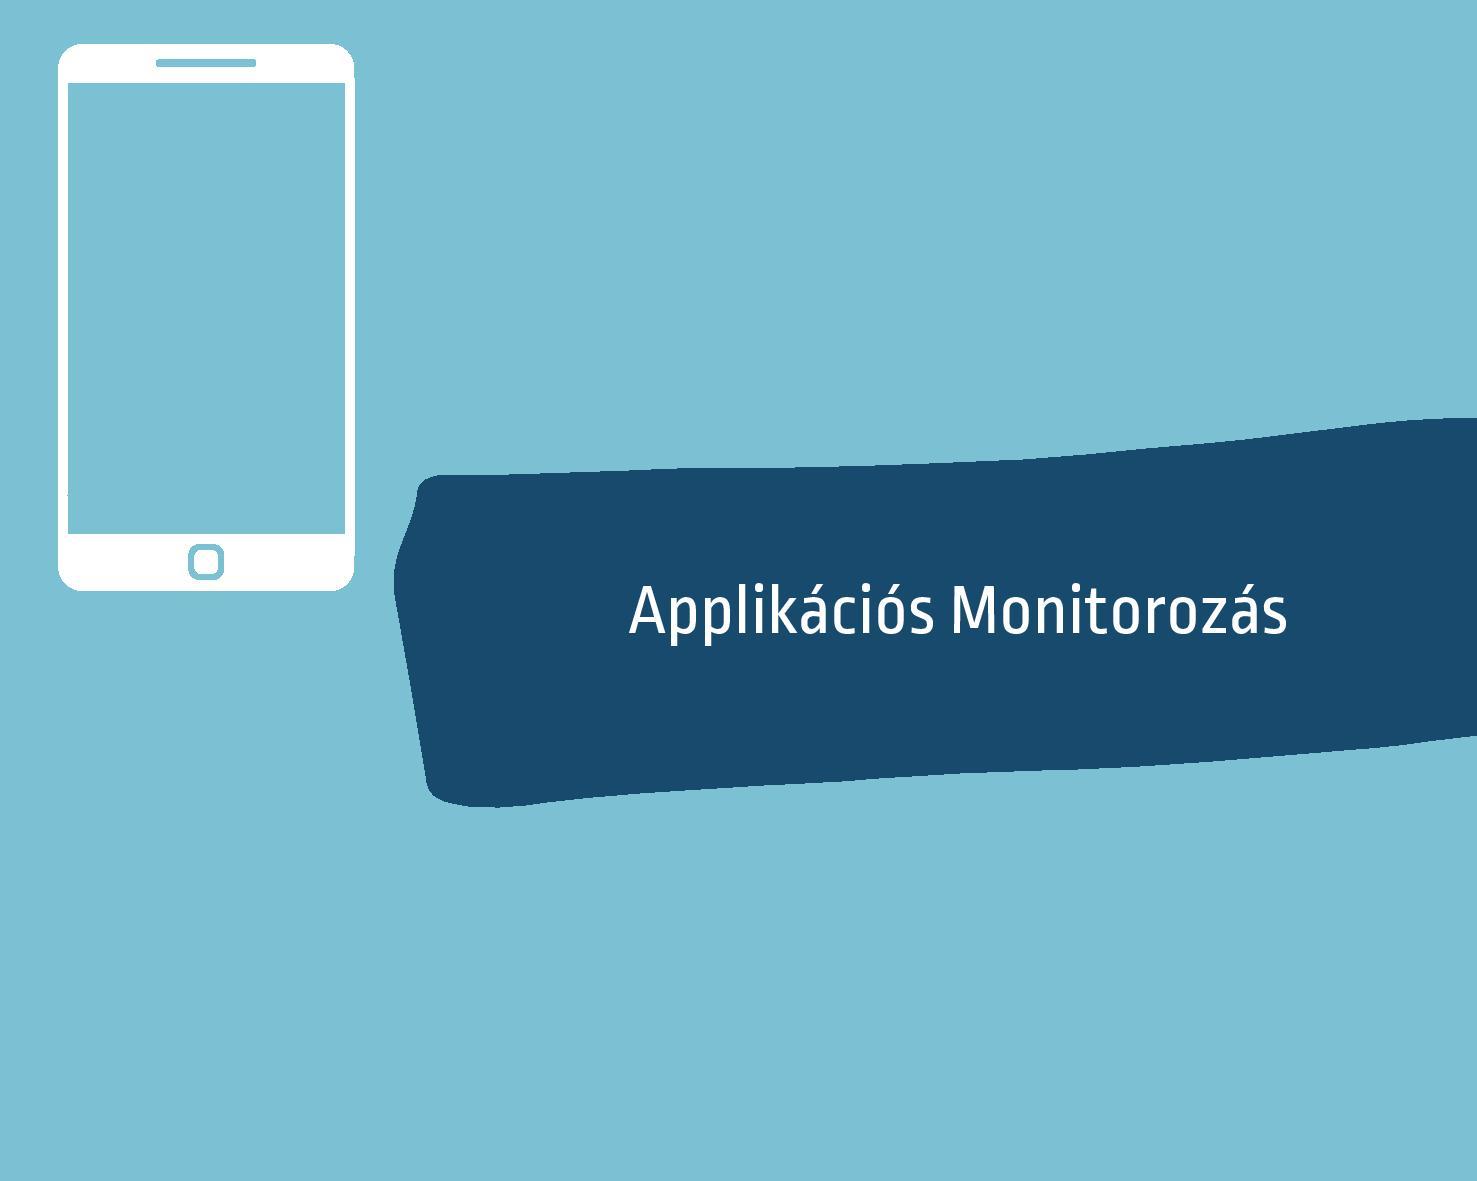 applikacio monitorozasa